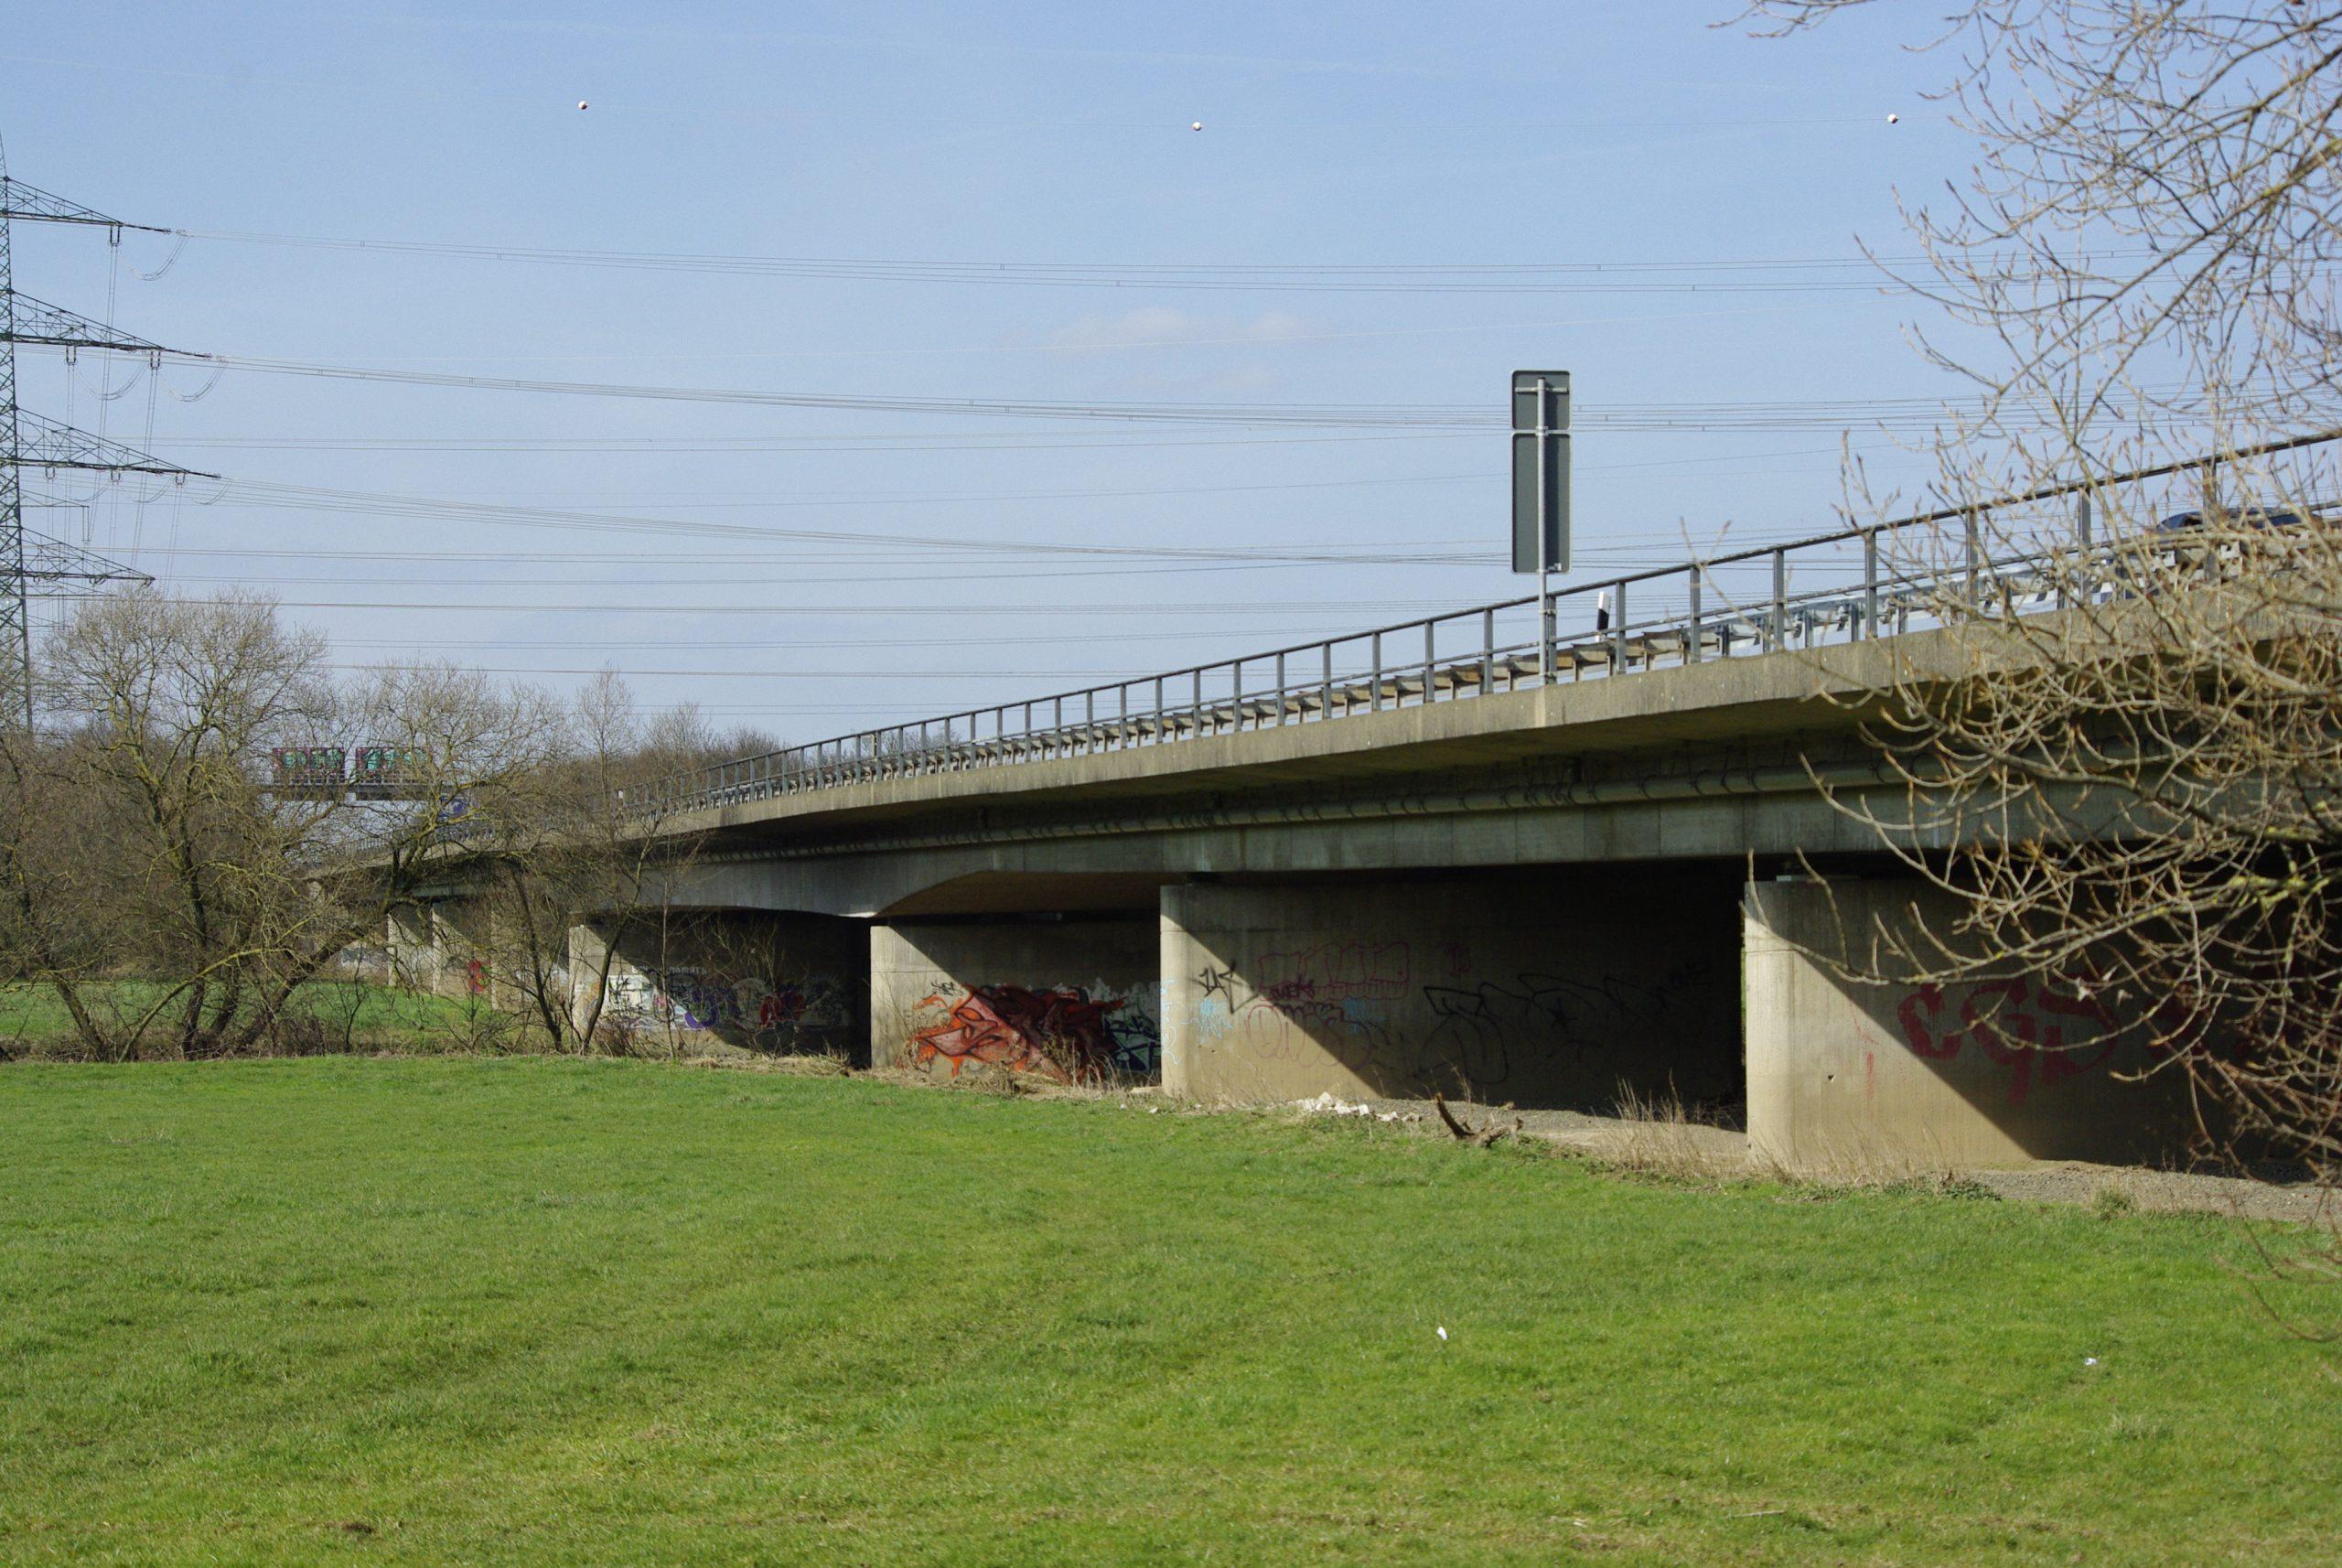 Neue A 59 – Brücke über die Sieg soll Fuß-/Radweg erhalten